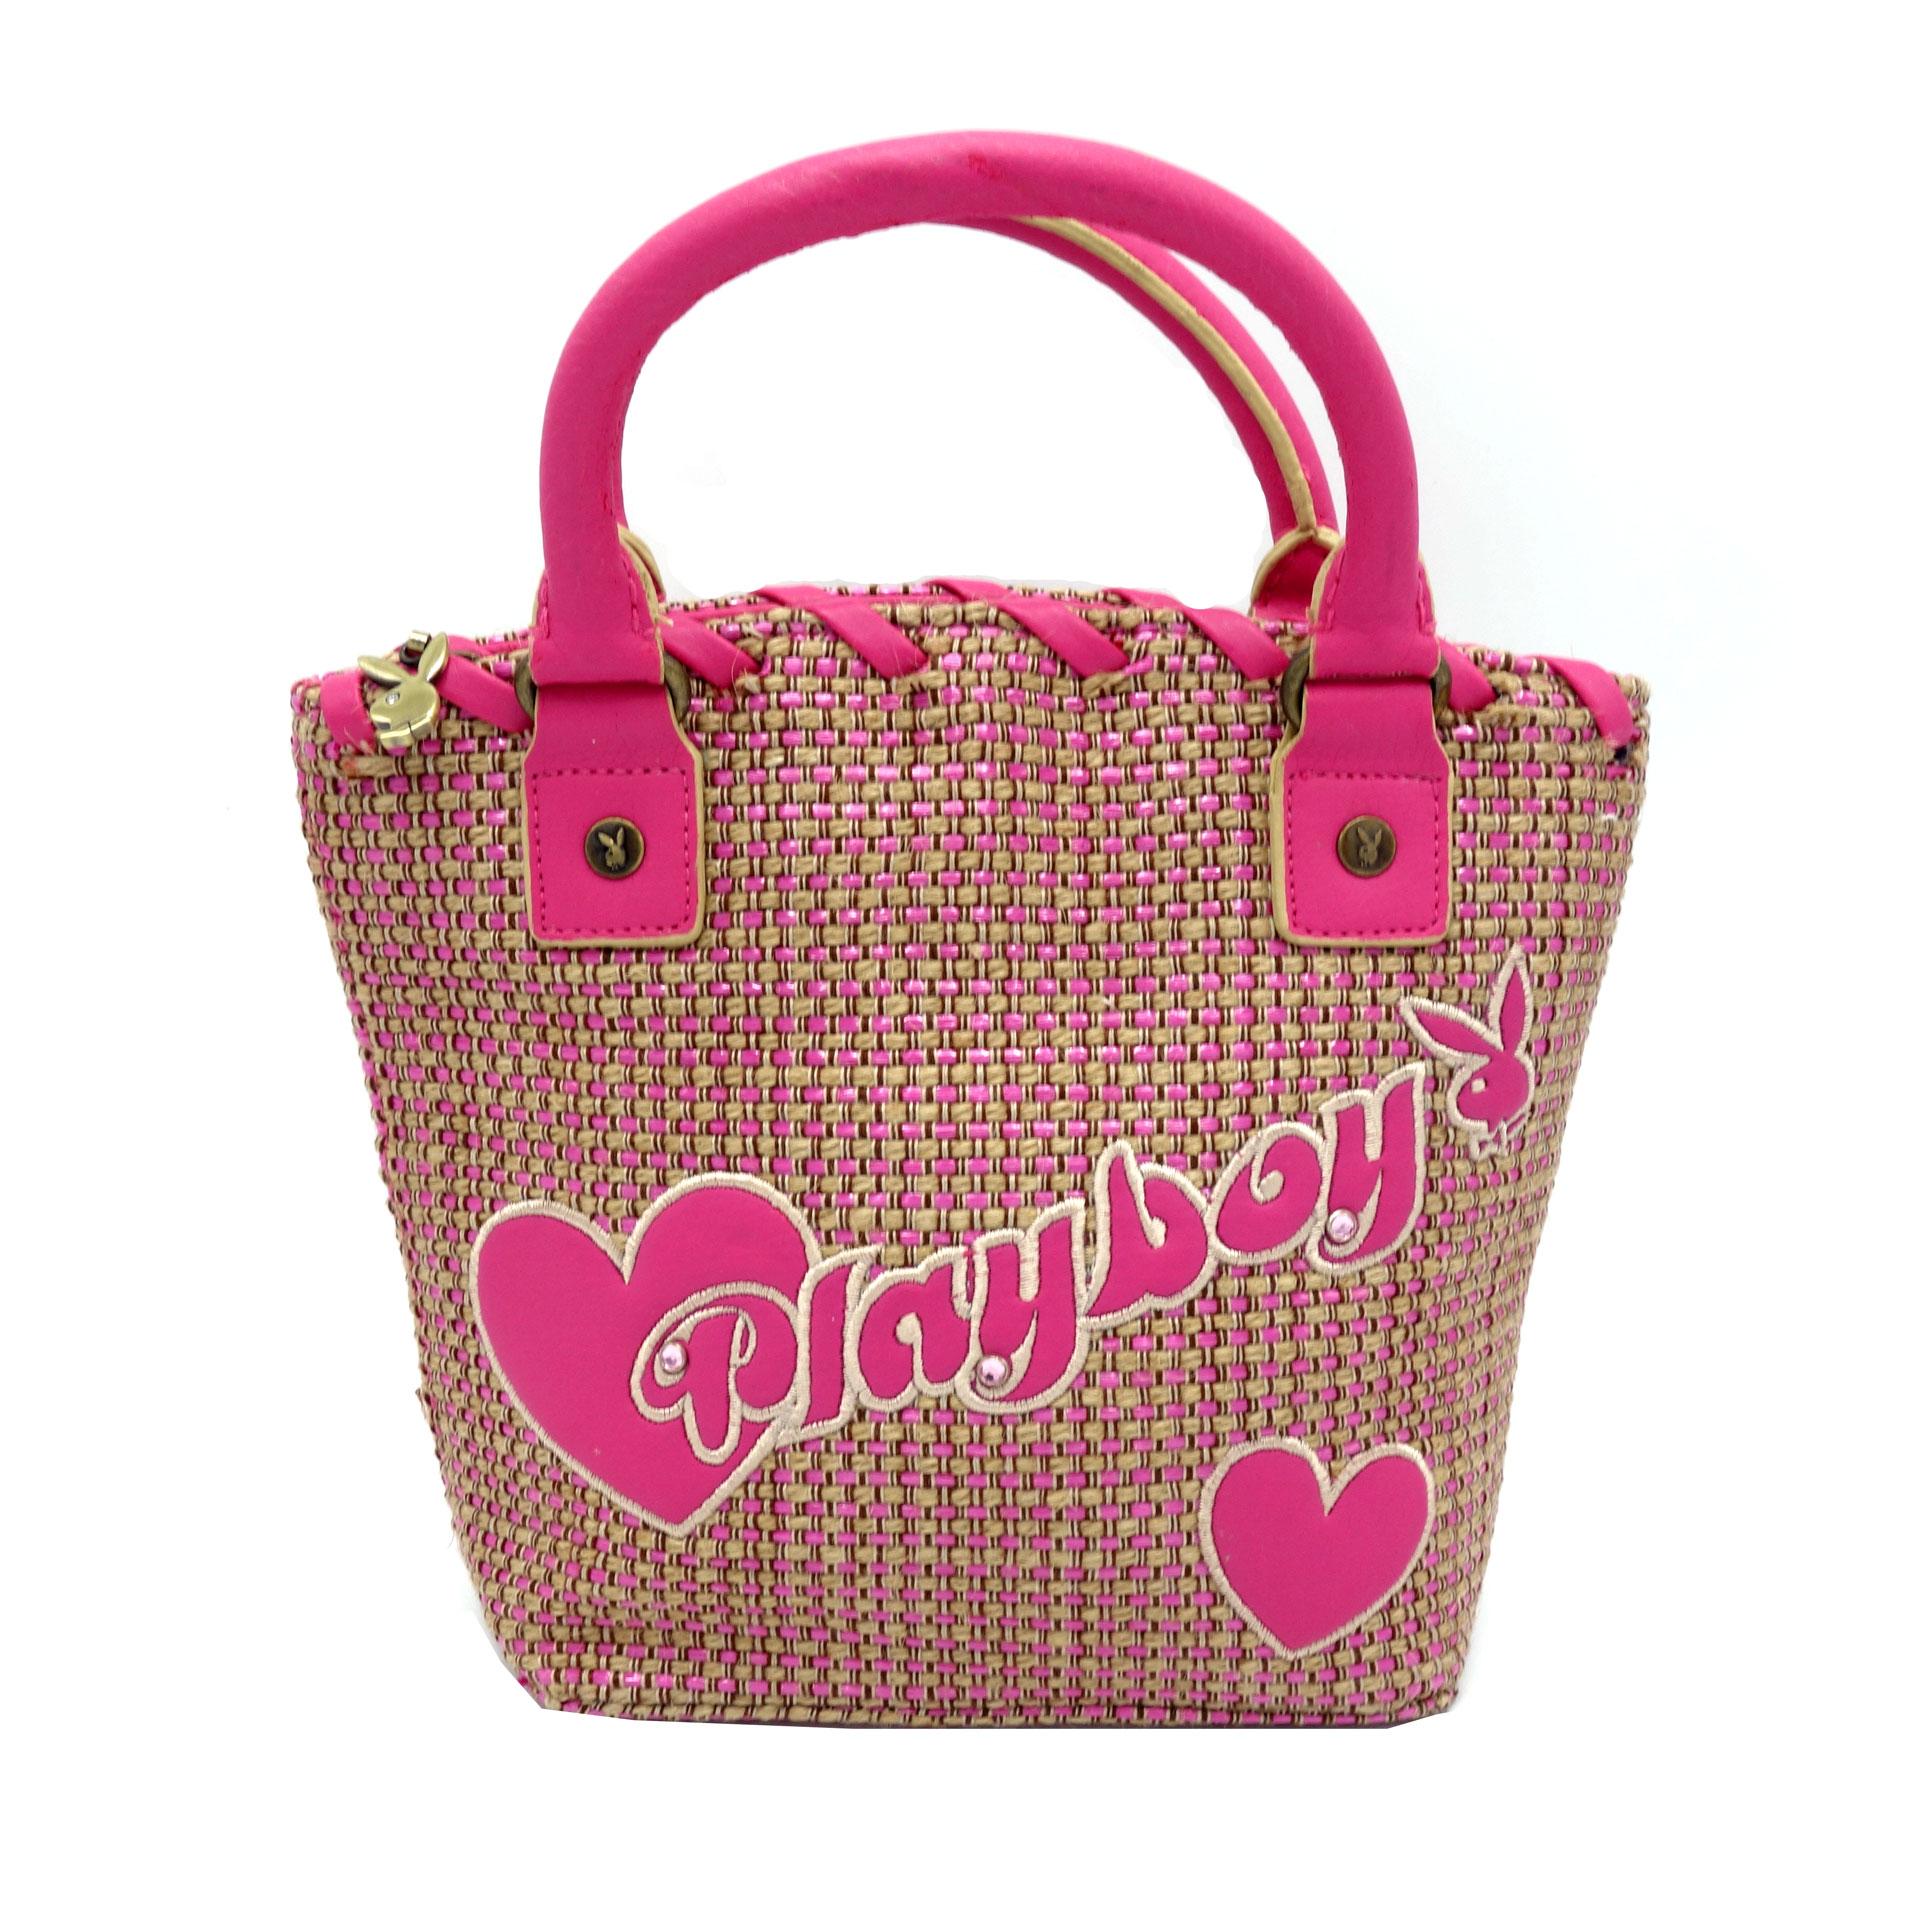 Playboy Kleine Damen Handtasche Heart